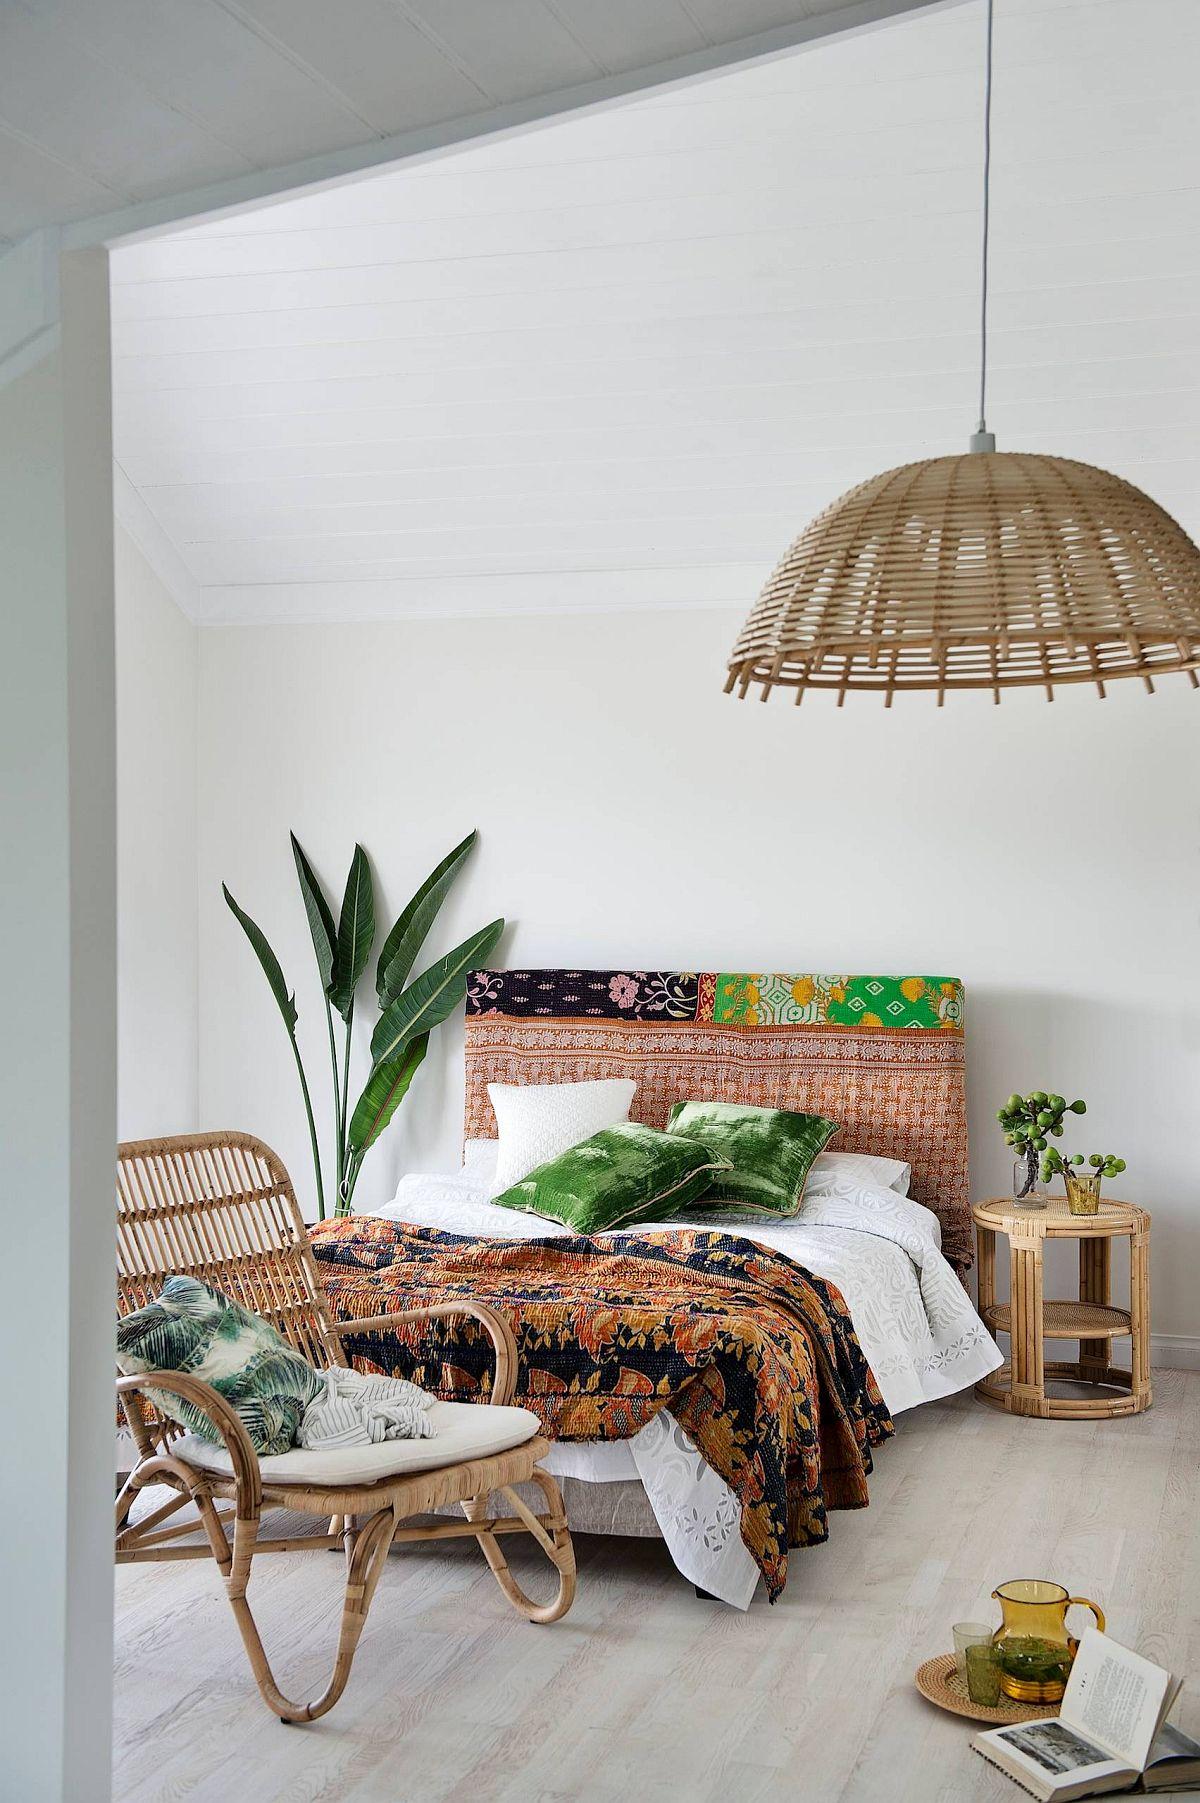 Xu hướng trang trí phòng ngủ sẽ làm mưa làm gió trong năm 2020 chắc chắn bạn không muốn bỏ lỡ - Ảnh 22.